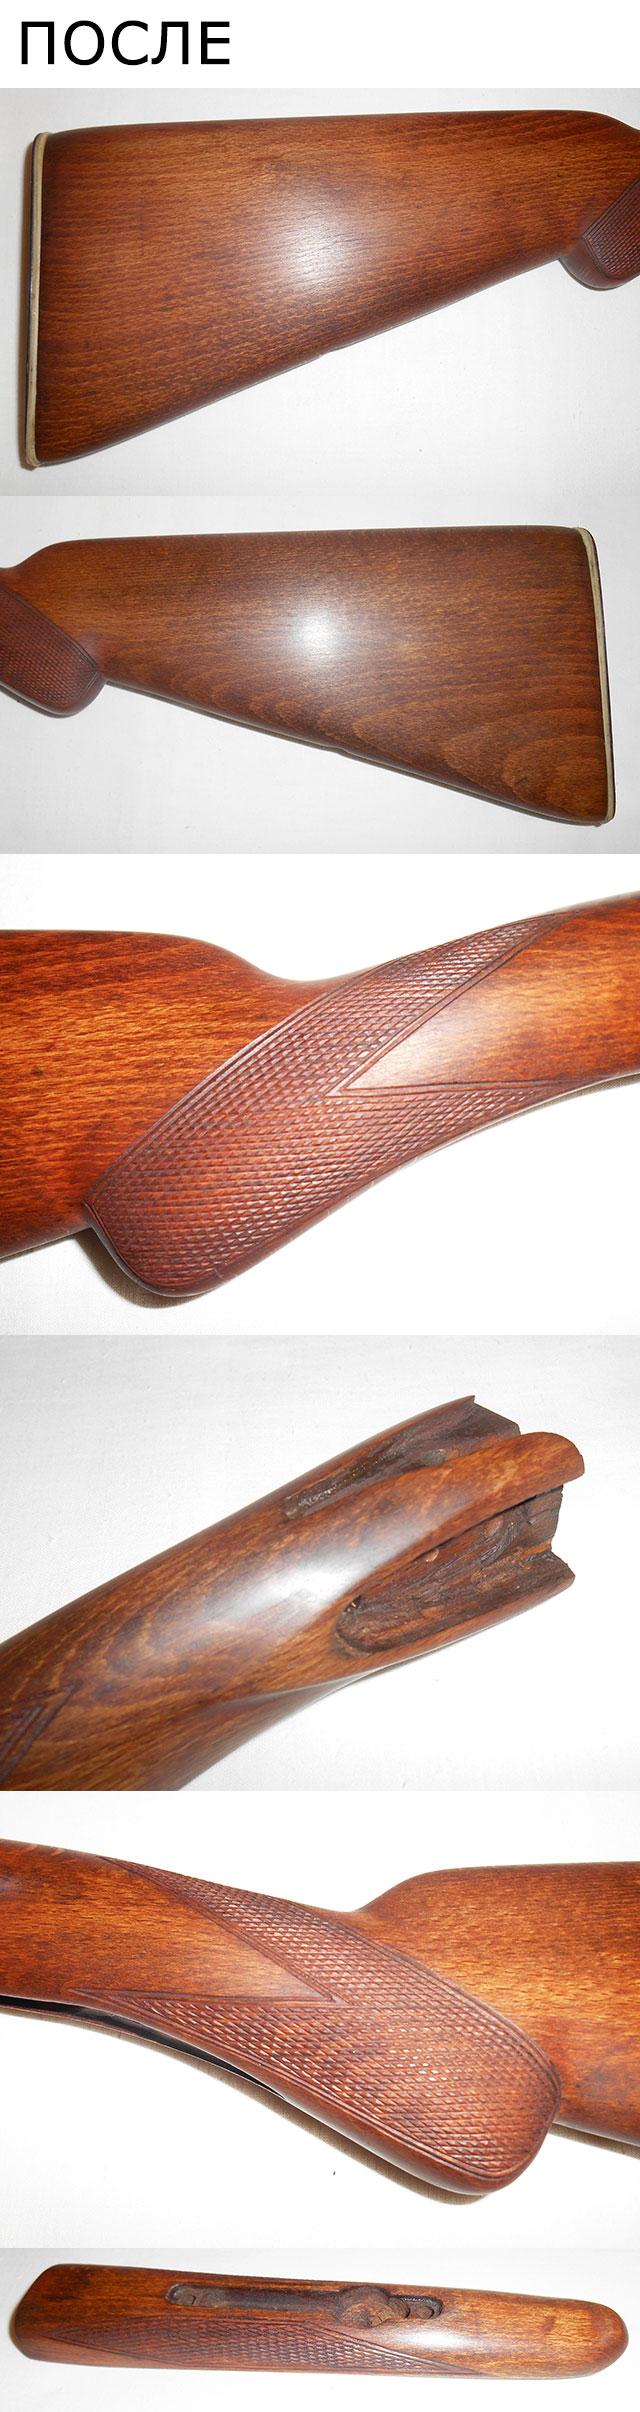 Приклад и цевье ружья ТОЗ БМ после реставрации